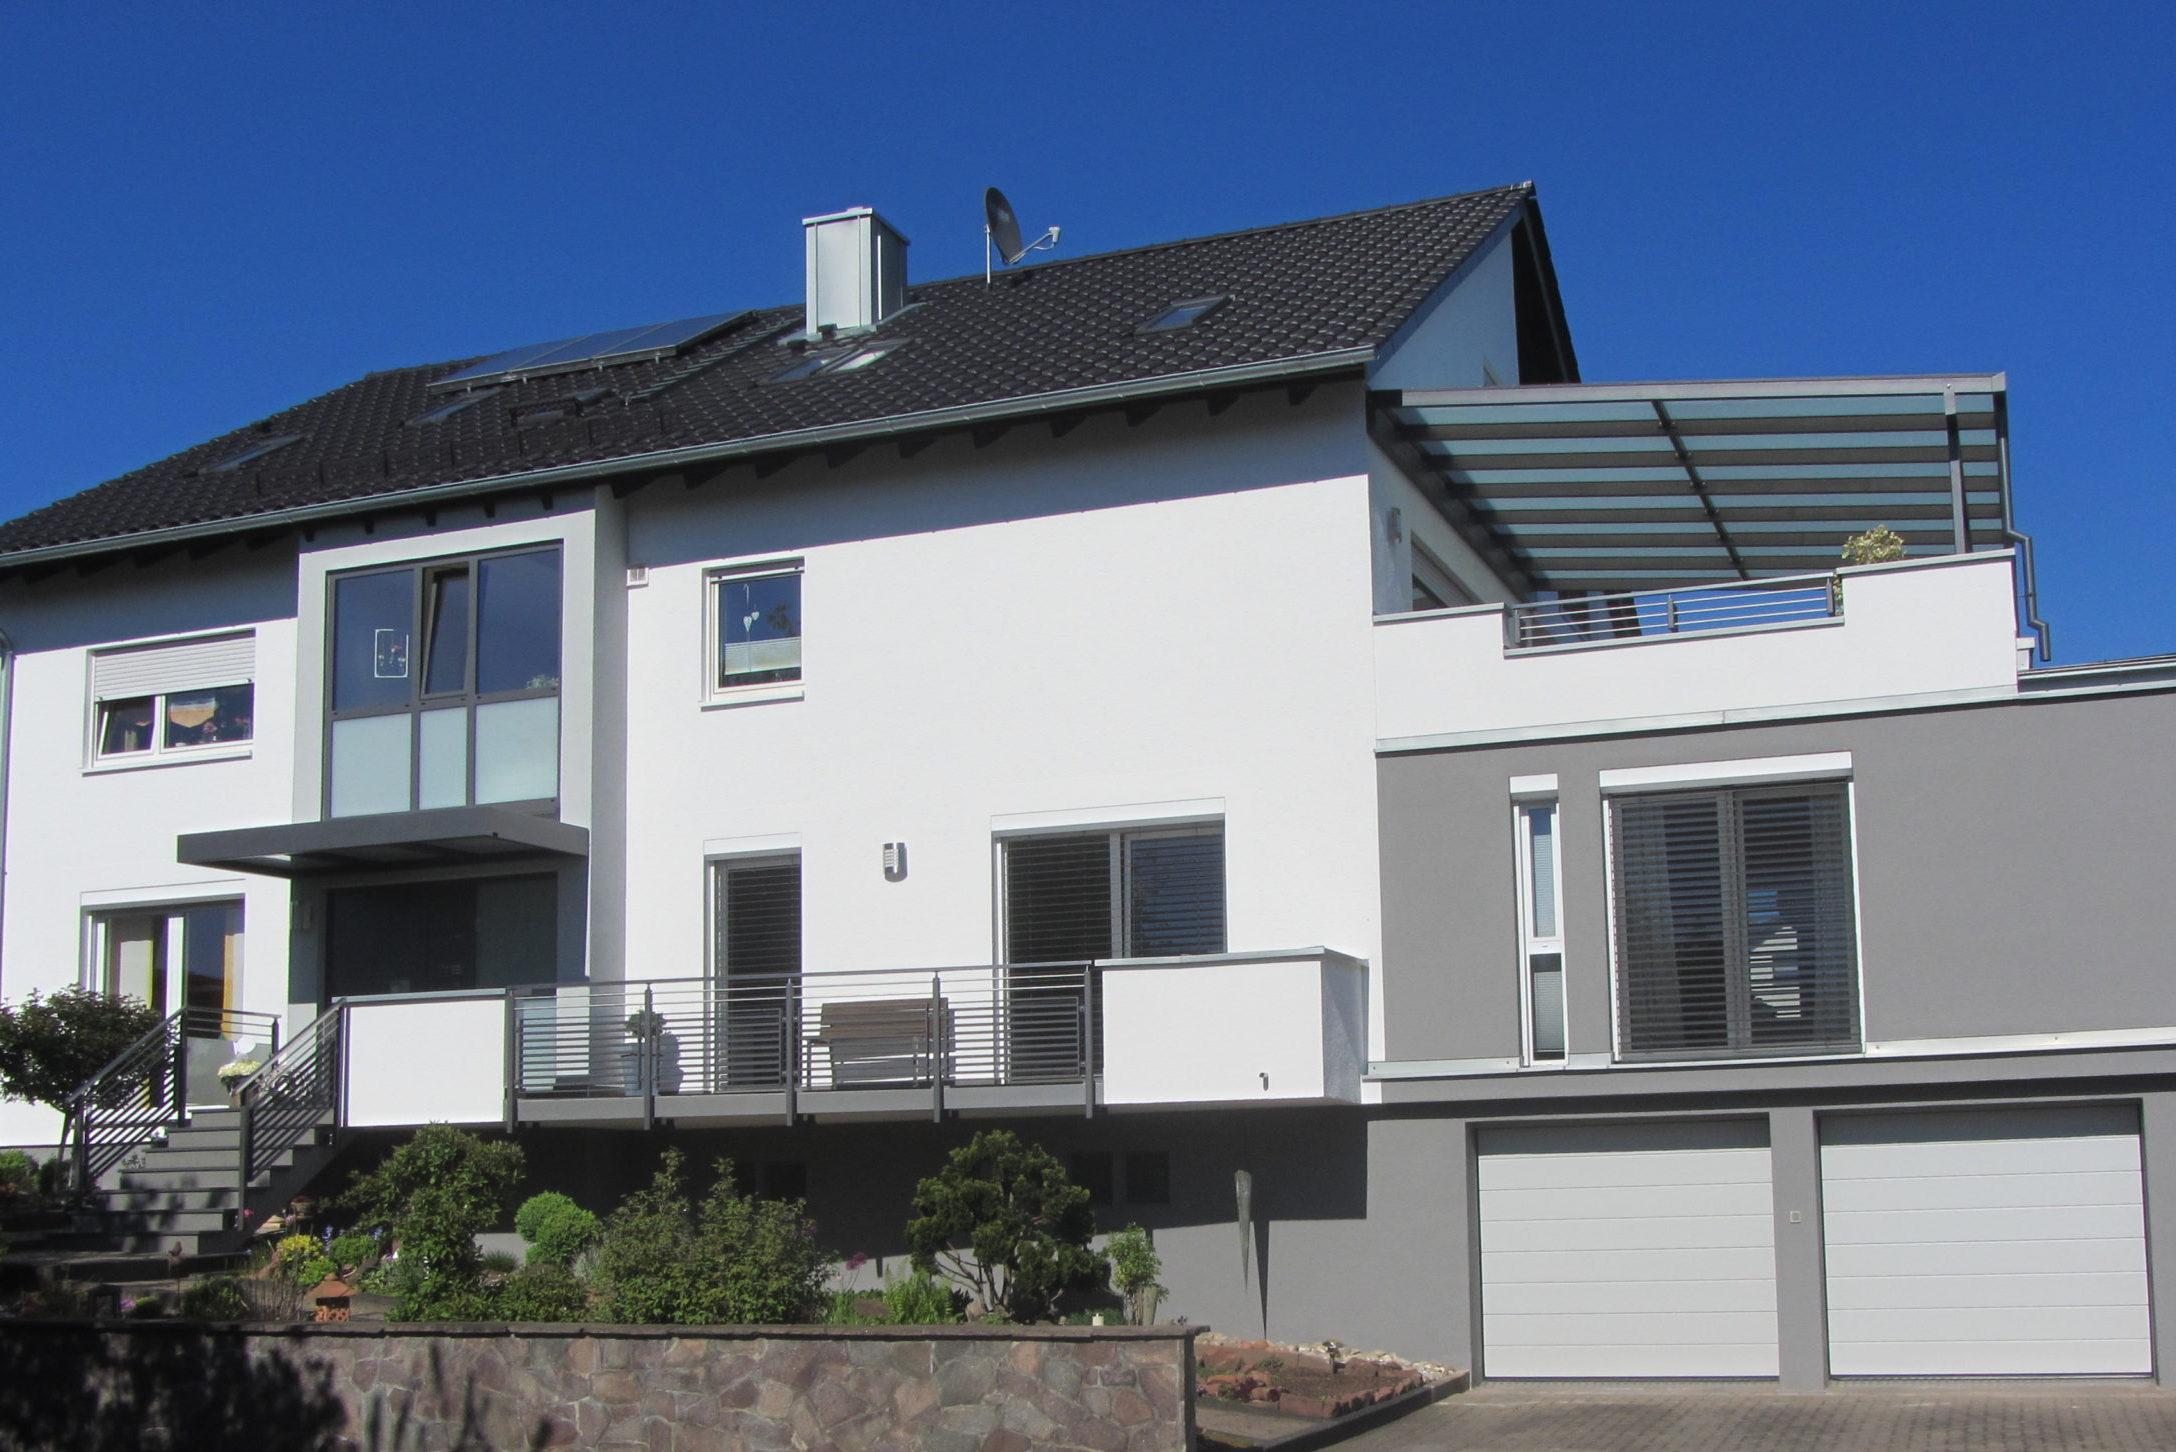 Geländer, Eingangsbereich, Fenster und Überdachungen